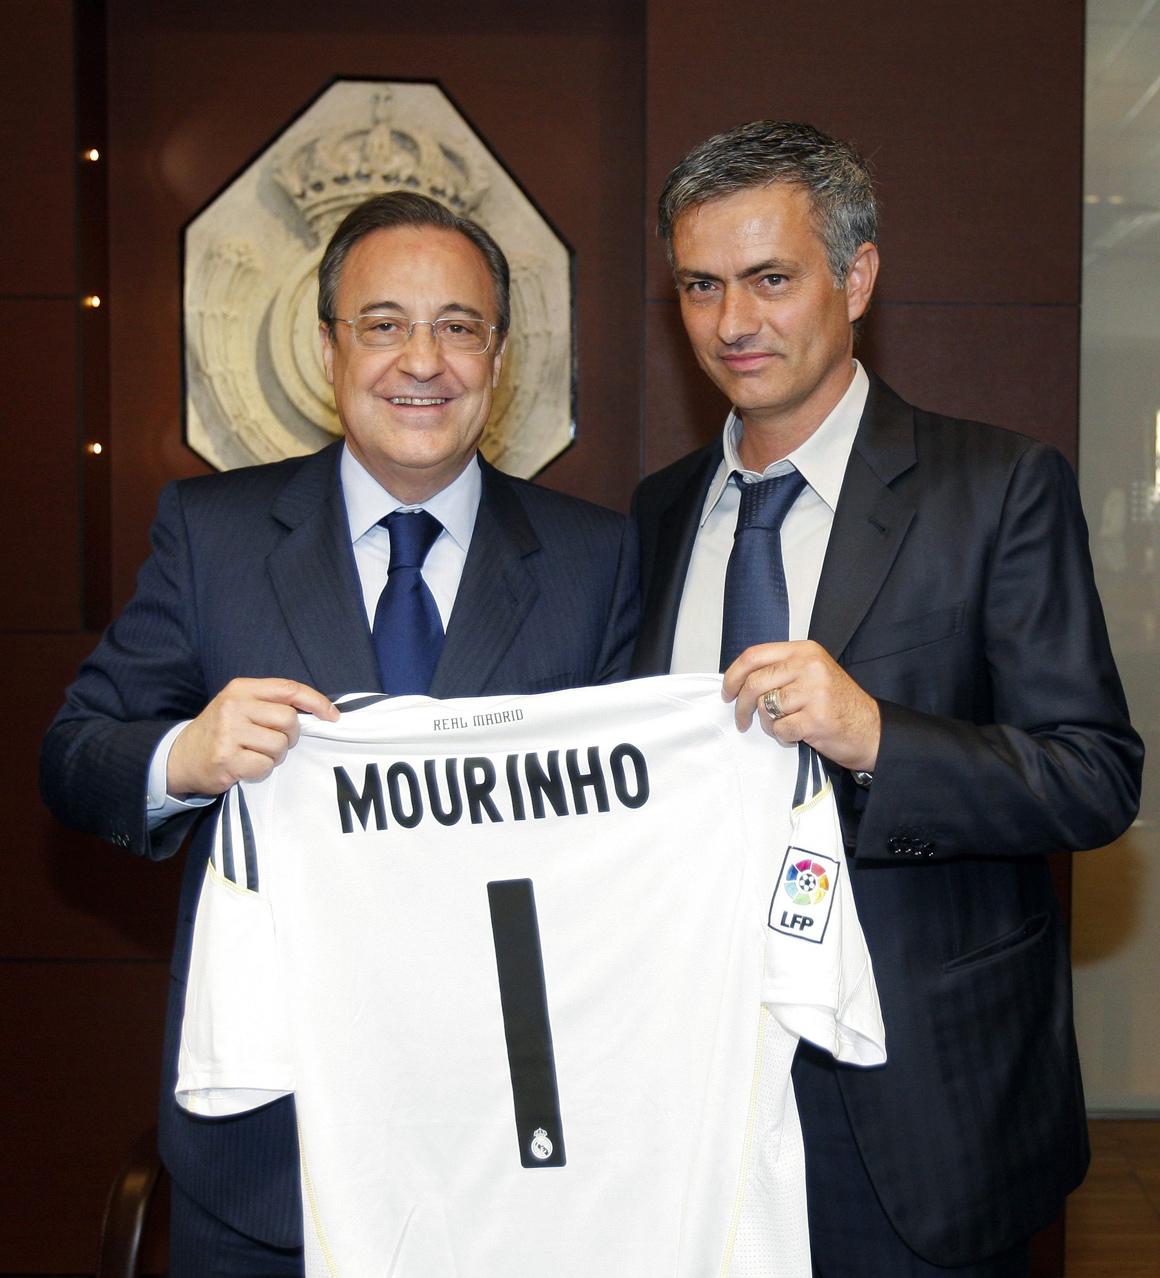 Florentino Pérez sobre Mourinho: